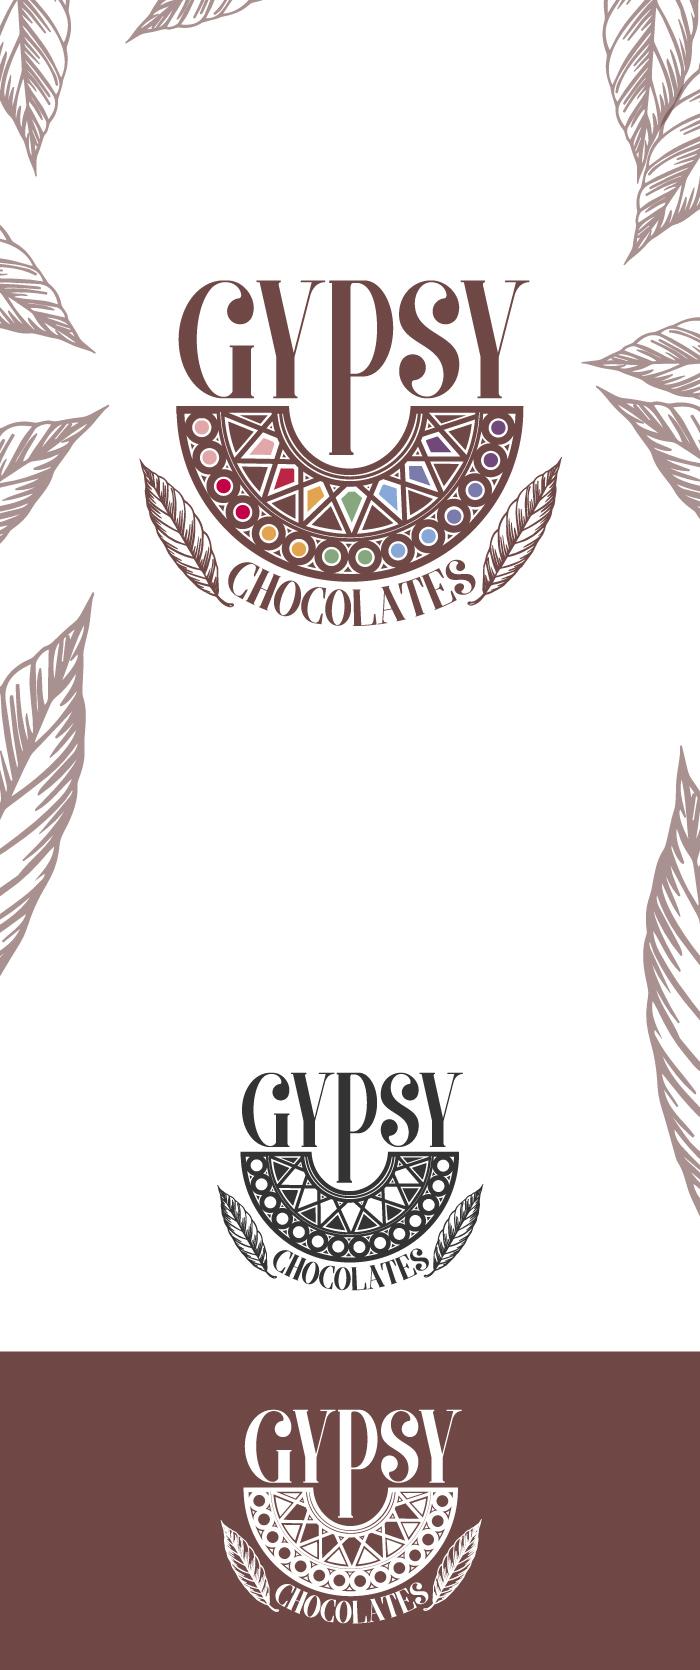 gipsy chocolates, logo, graphic design, diana petrarca, cioccolateria, grafica, progettazione